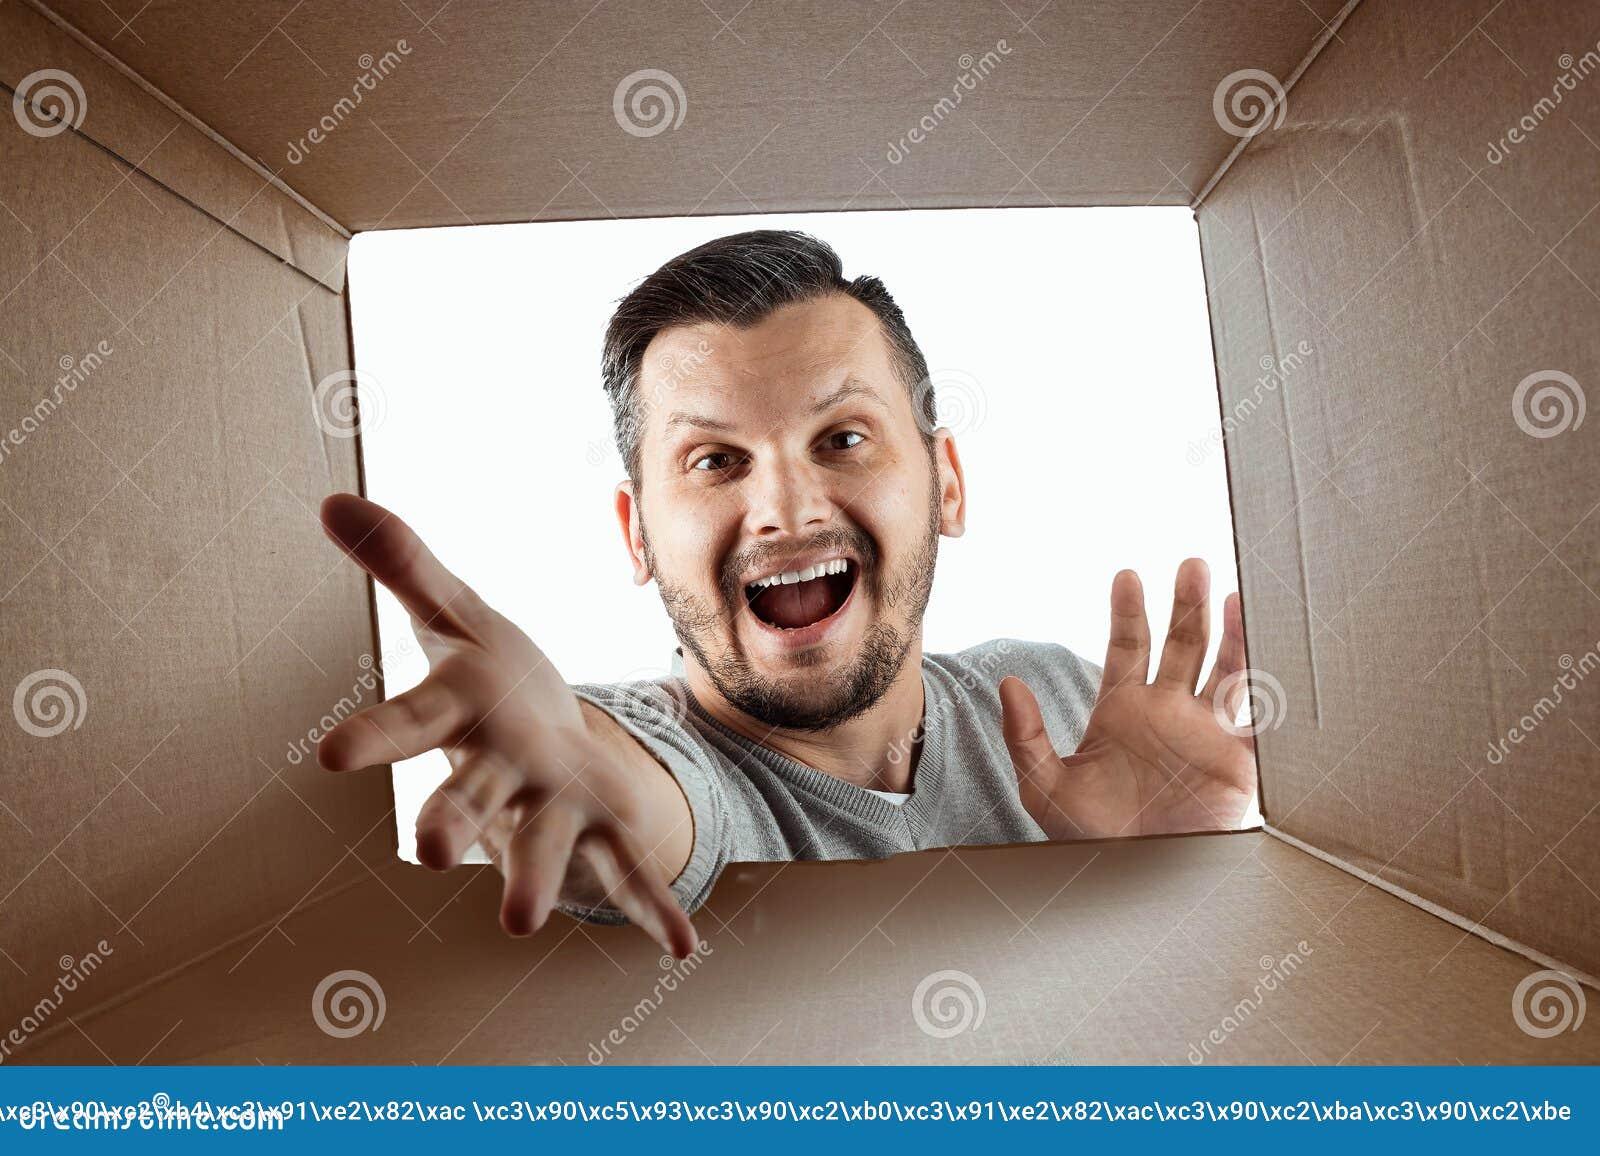 Unboxing, Kreatywnie tło, radosny mężczyzna otwiera spojrzenia w niespodziance i pudełko Pakunek, dostawa, niespodzianka, prezent